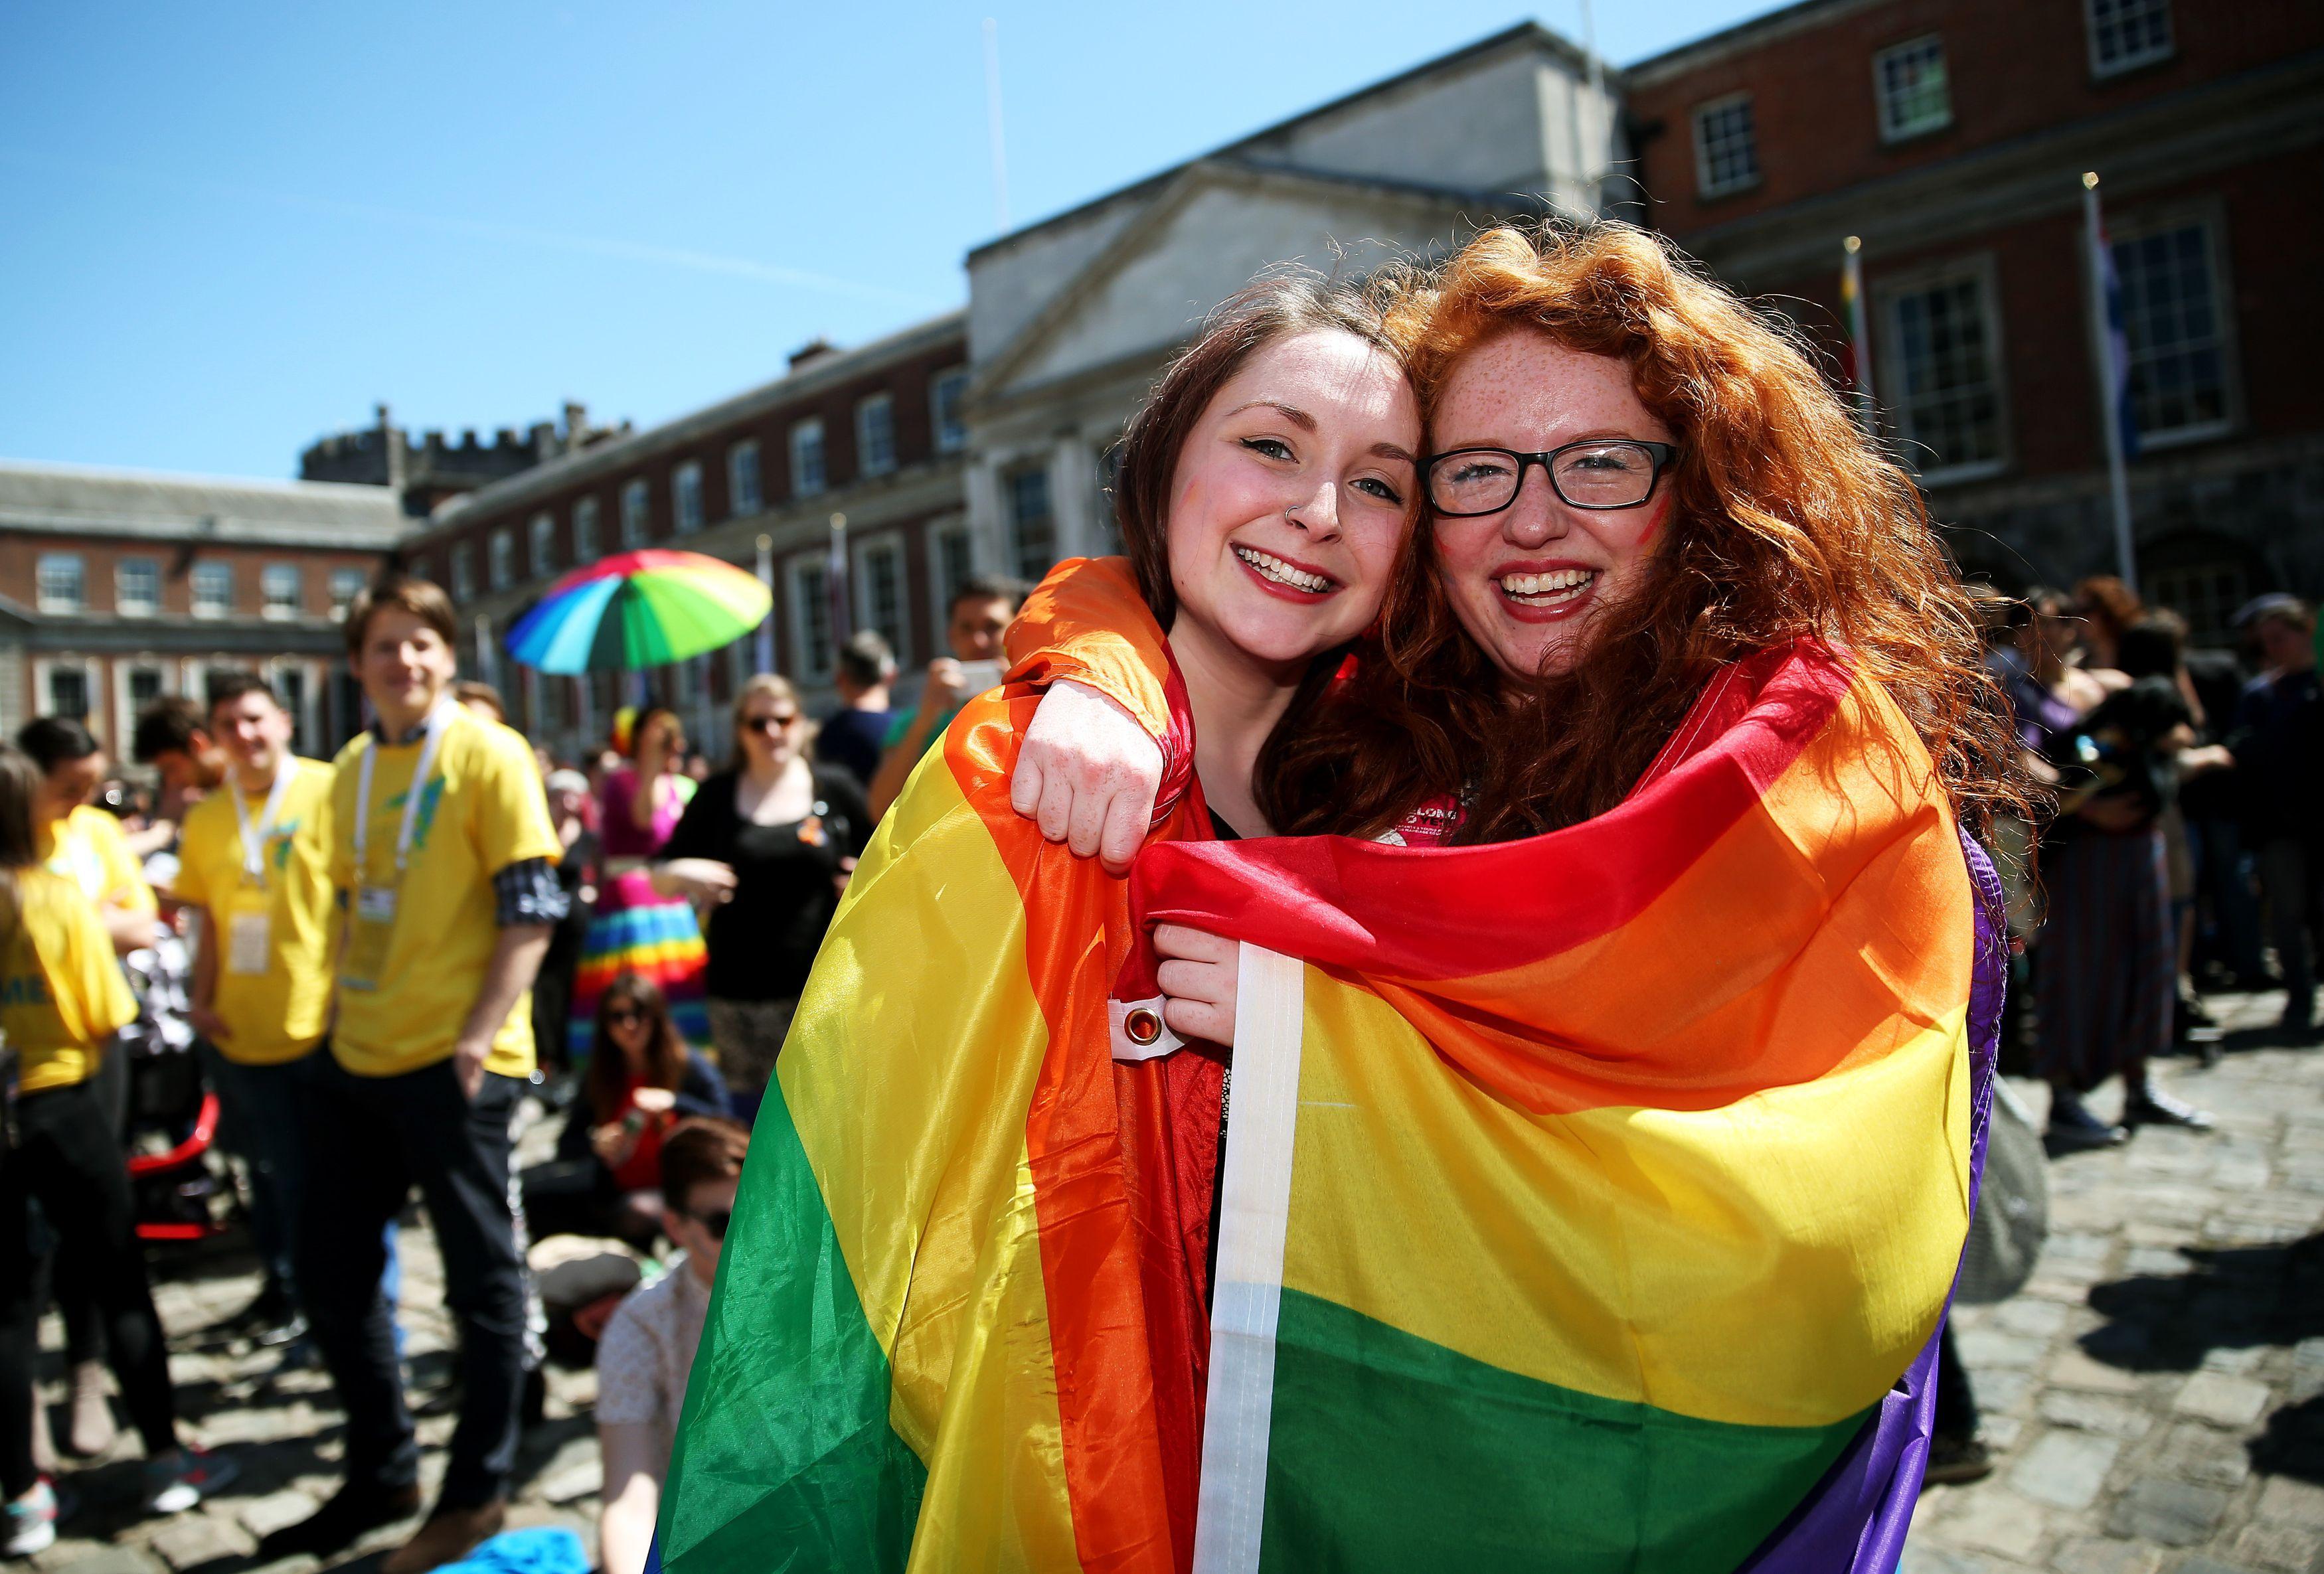 Belfast vote pour l'ouverture au mariage pour les couples de même sexe